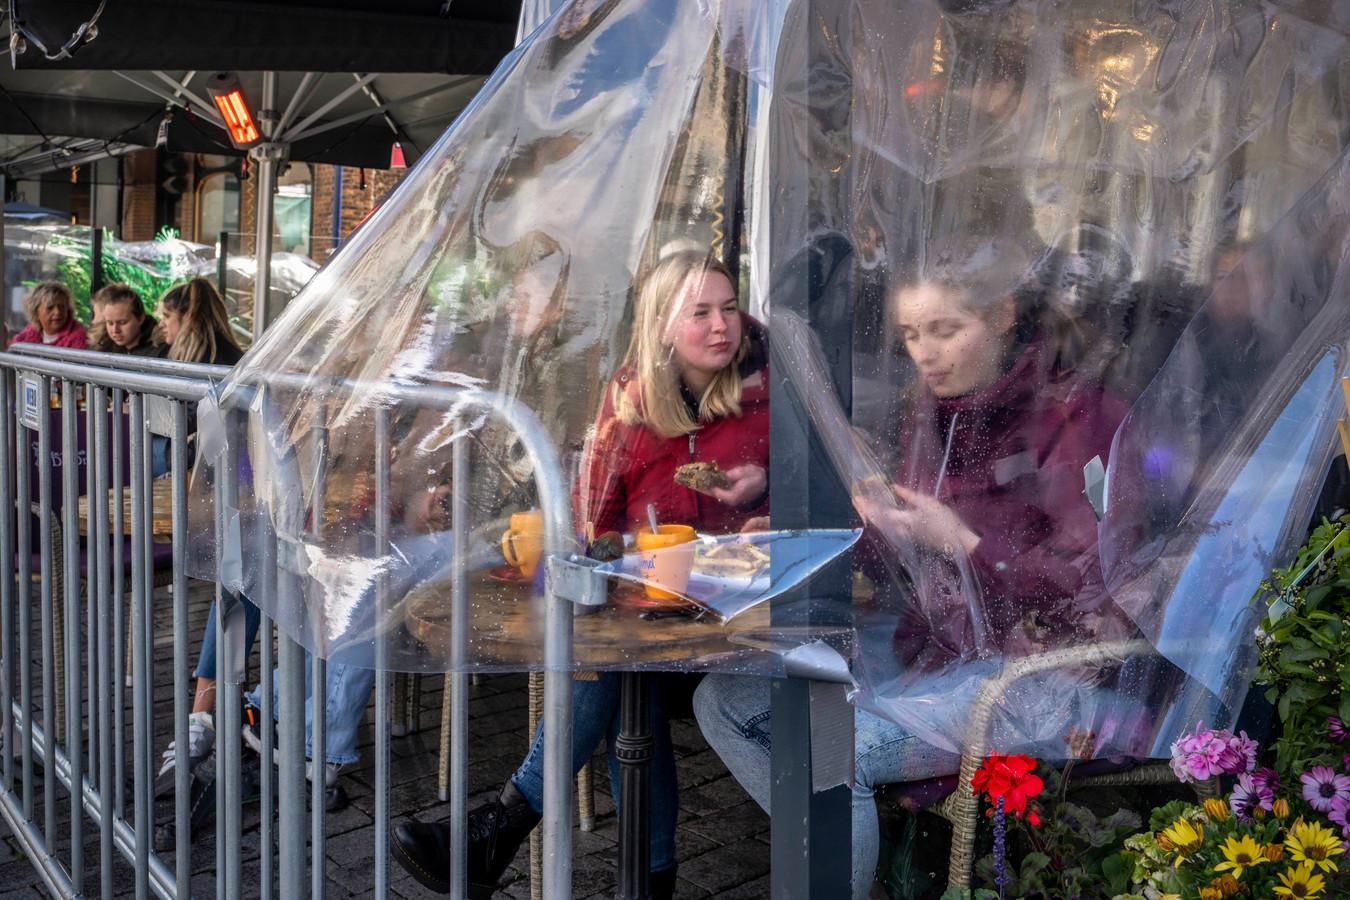 Achter dranghekken en onder plastic lunchen op het terras van café De Druif op de Bossche Markt.